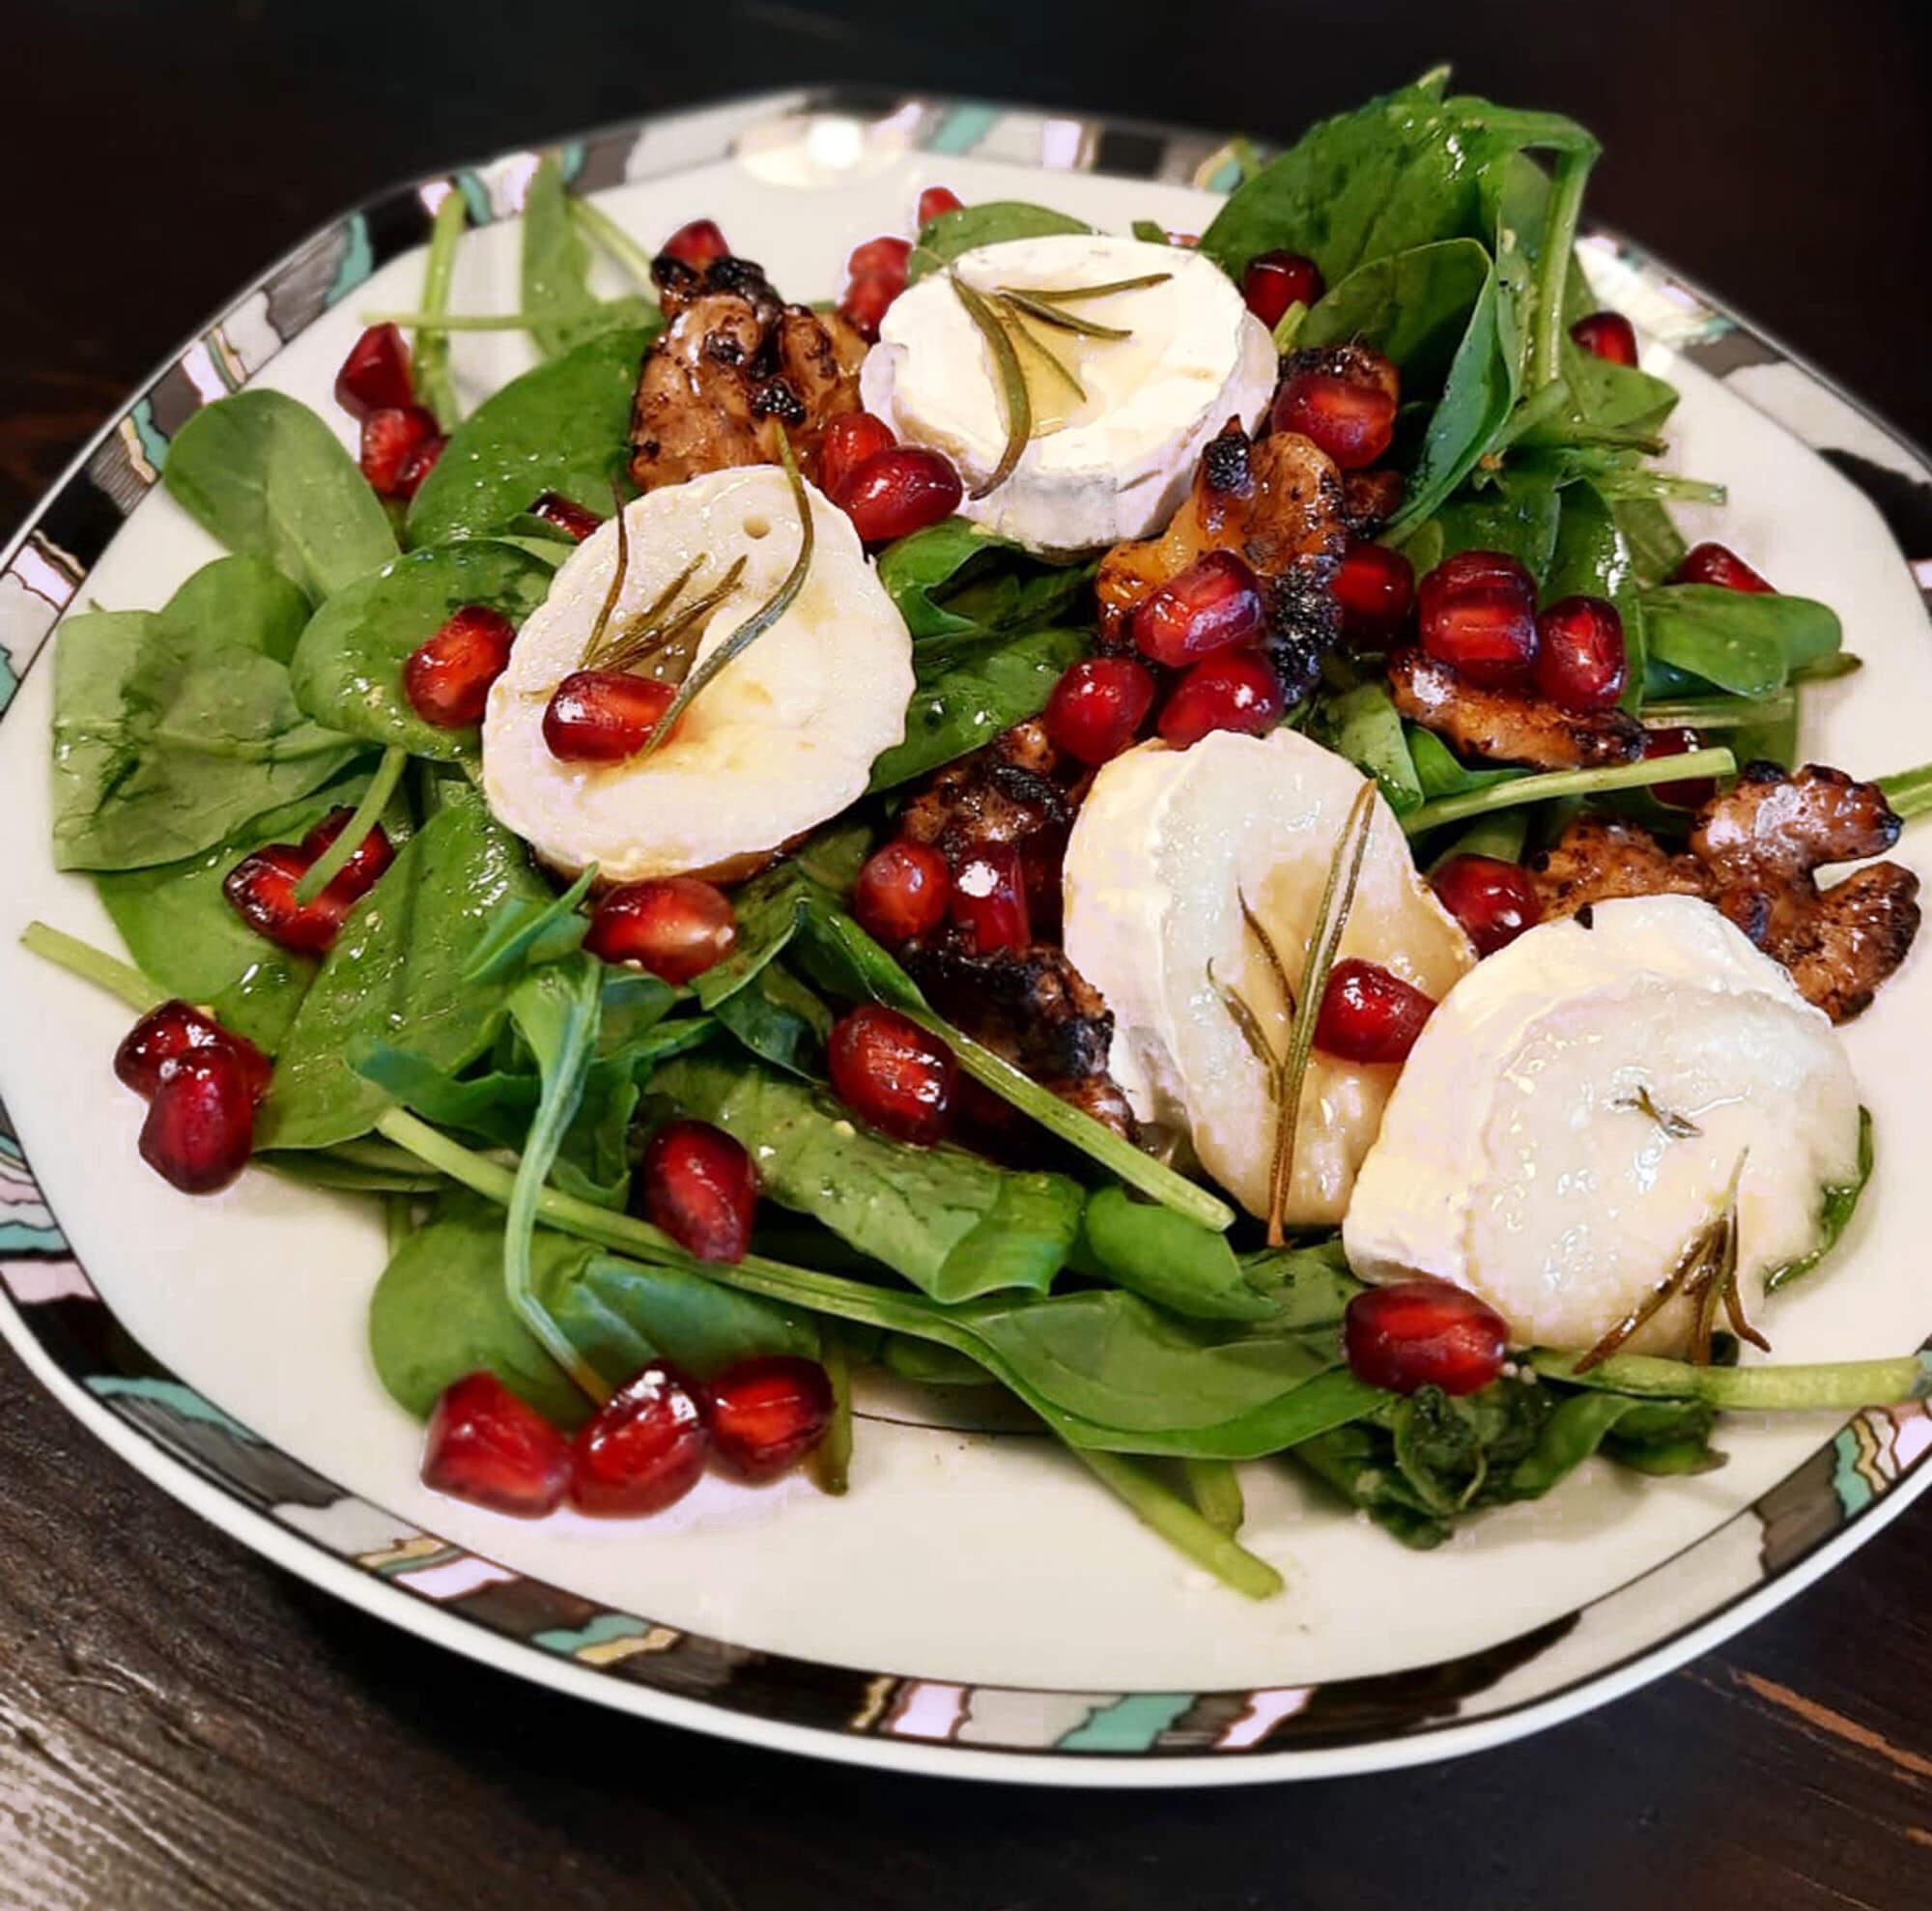 09 Spinat-Granatapfelkerne-Ziegenkäse-Salat (LT) #tagdernachbarn